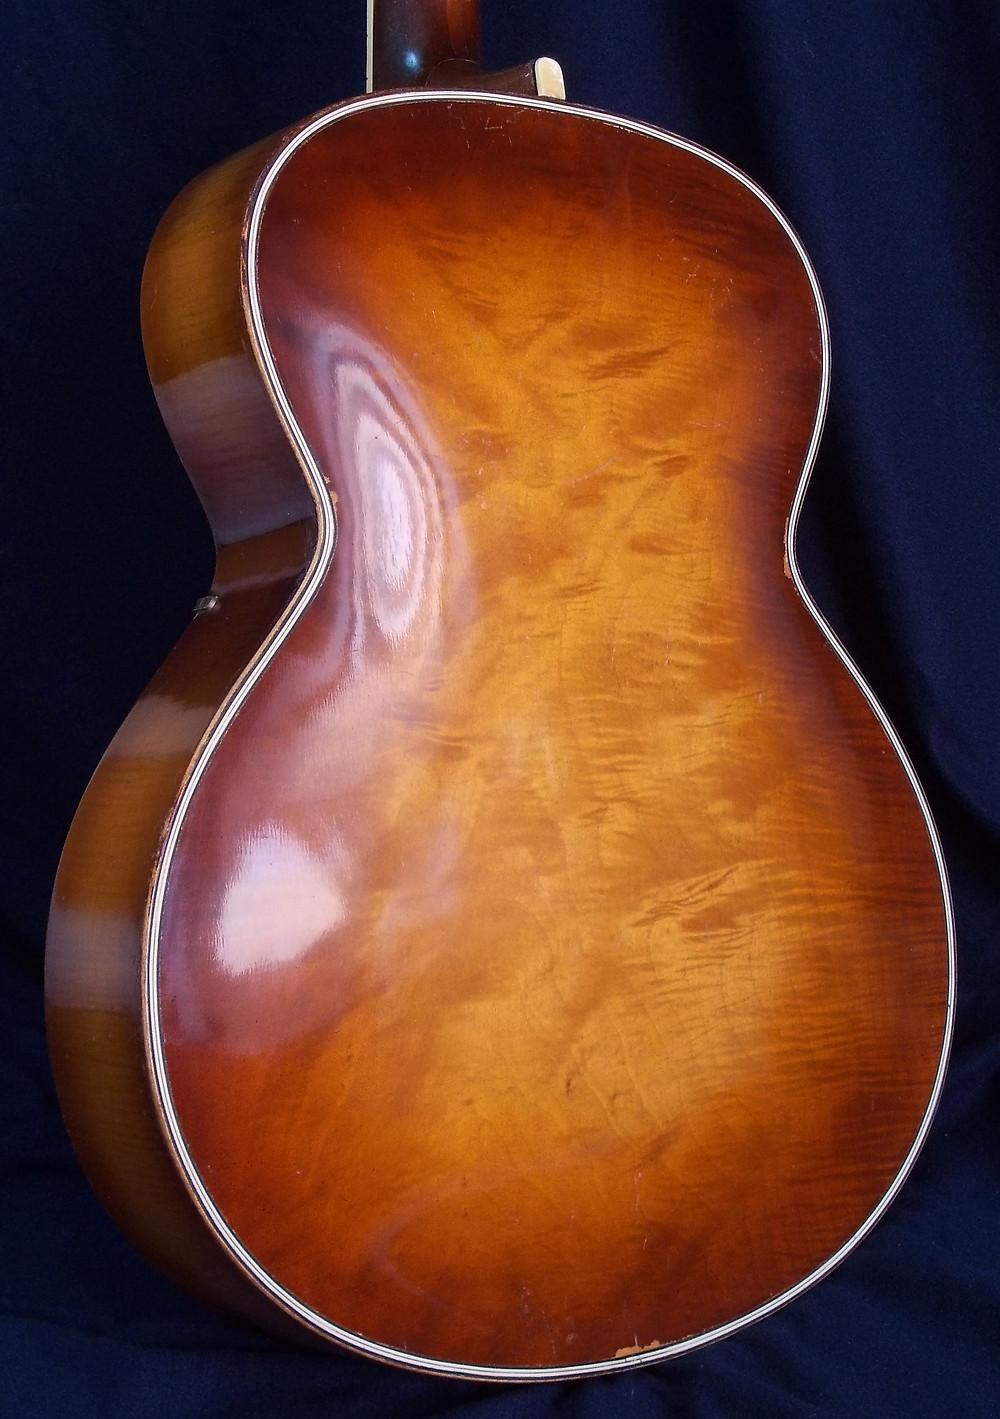 Hofner 456 model (1950-51)